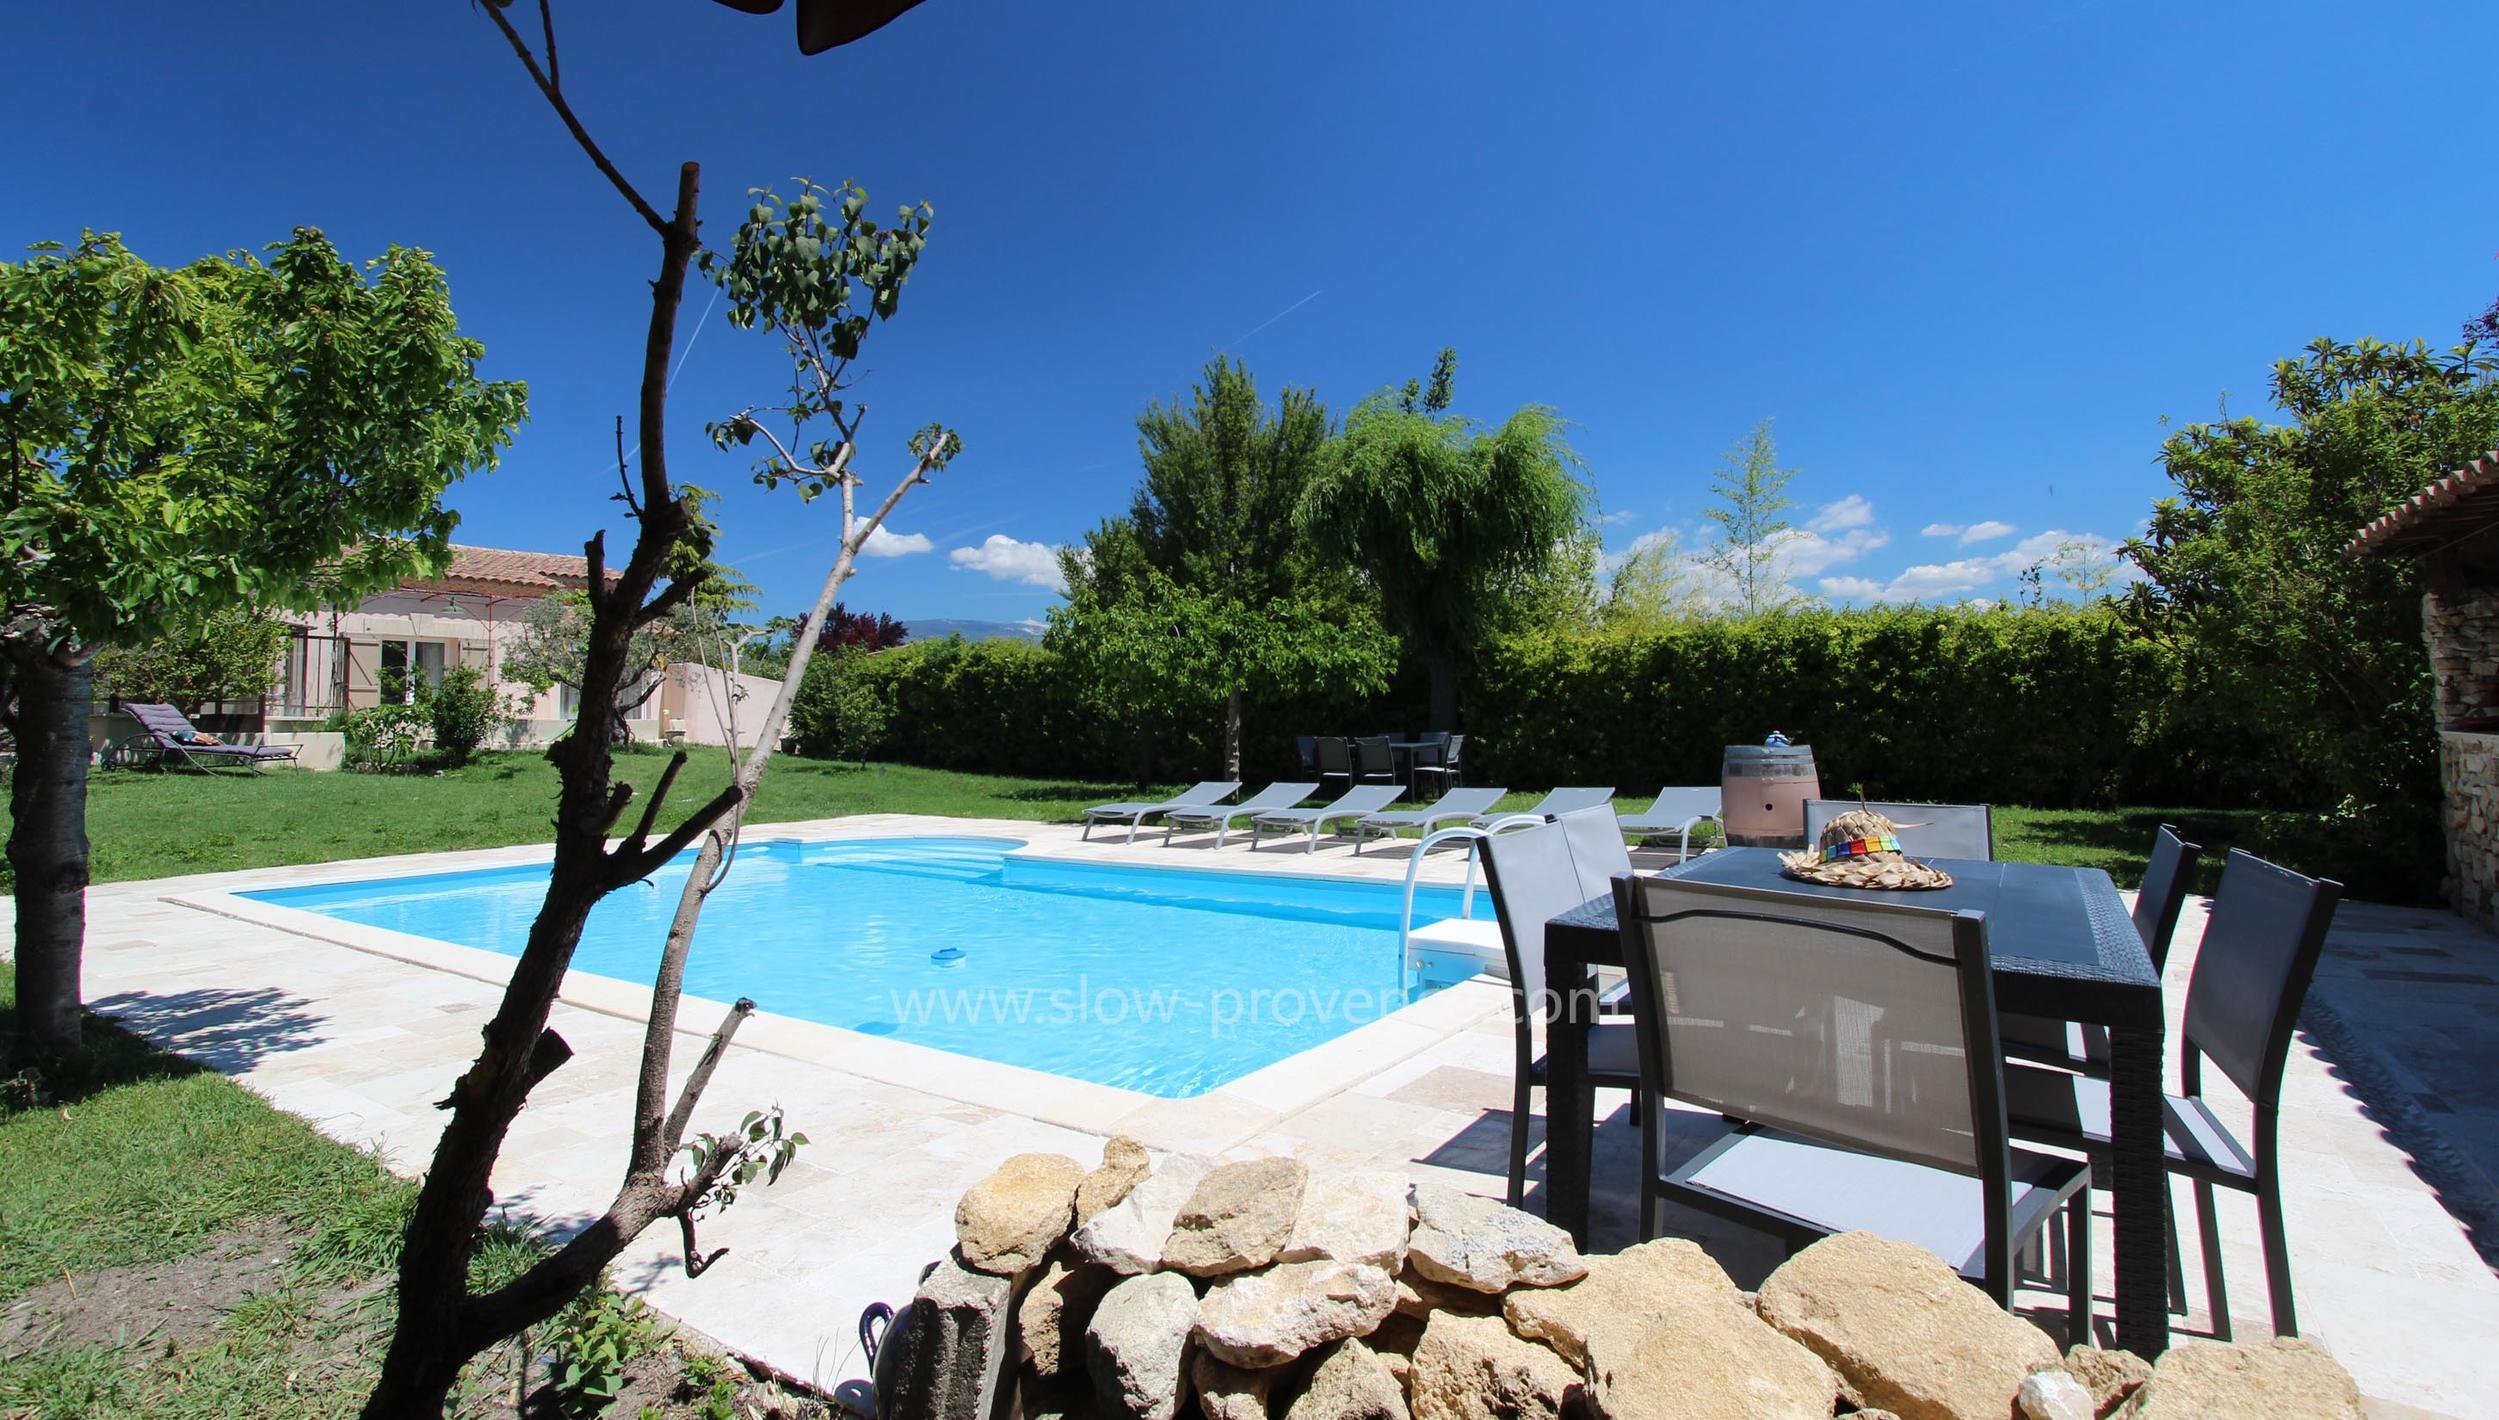 Filtre Piscine Lave Vaisselle villa confortable de vacances avec piscine privée à louer en